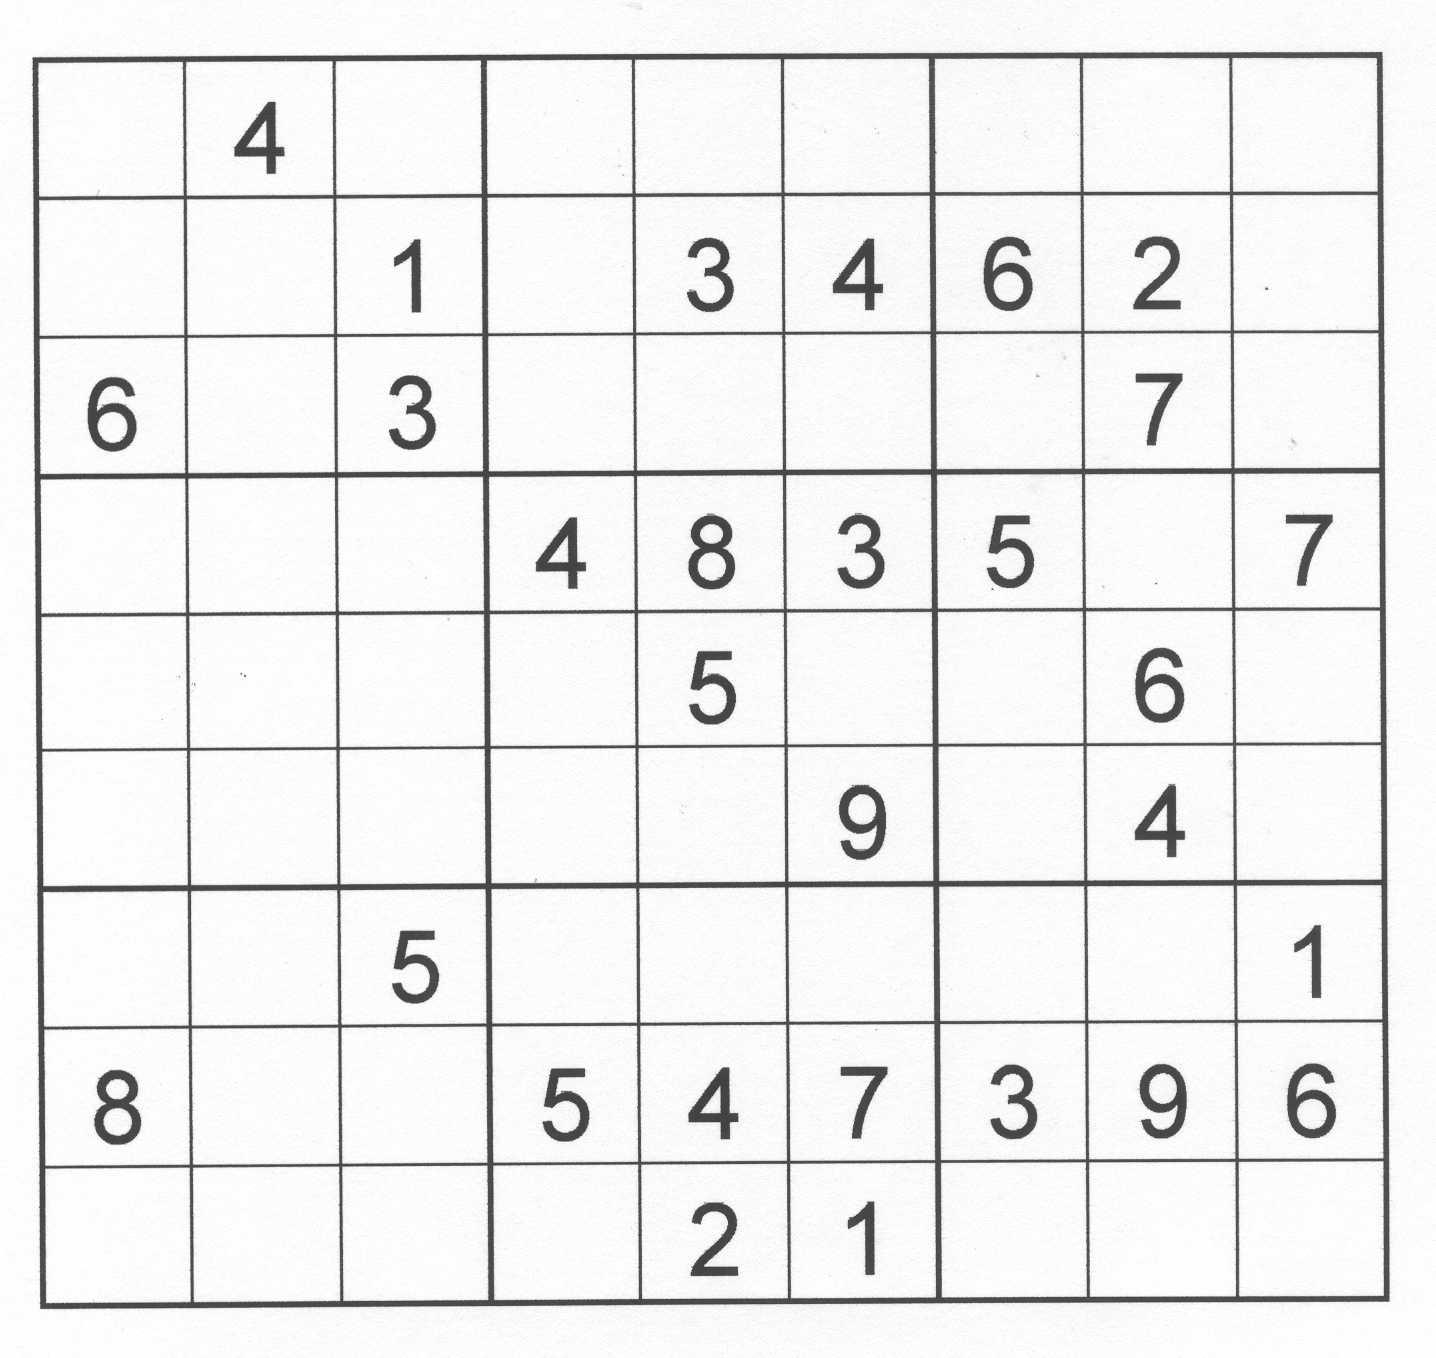 Résultats Sportifs & Jeux Culturels concernant Jeux Sudoku À Imprimer